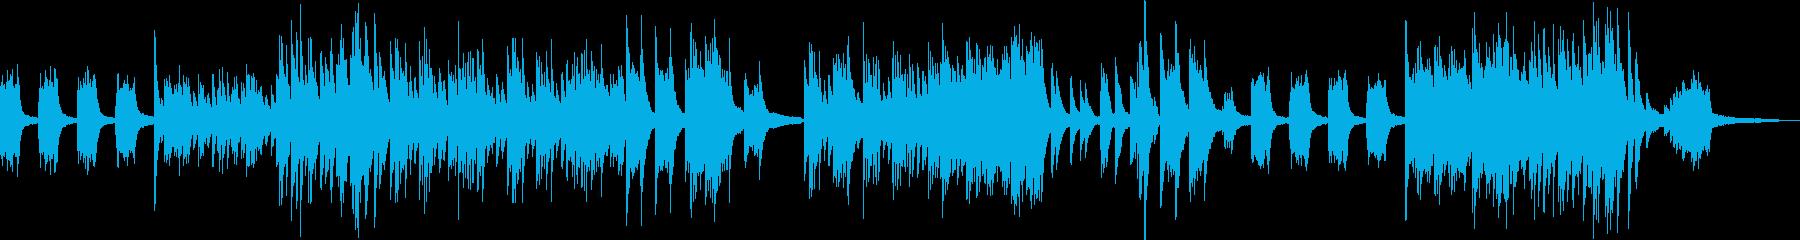 リトルワールド・メルヘンなピアノソロの再生済みの波形